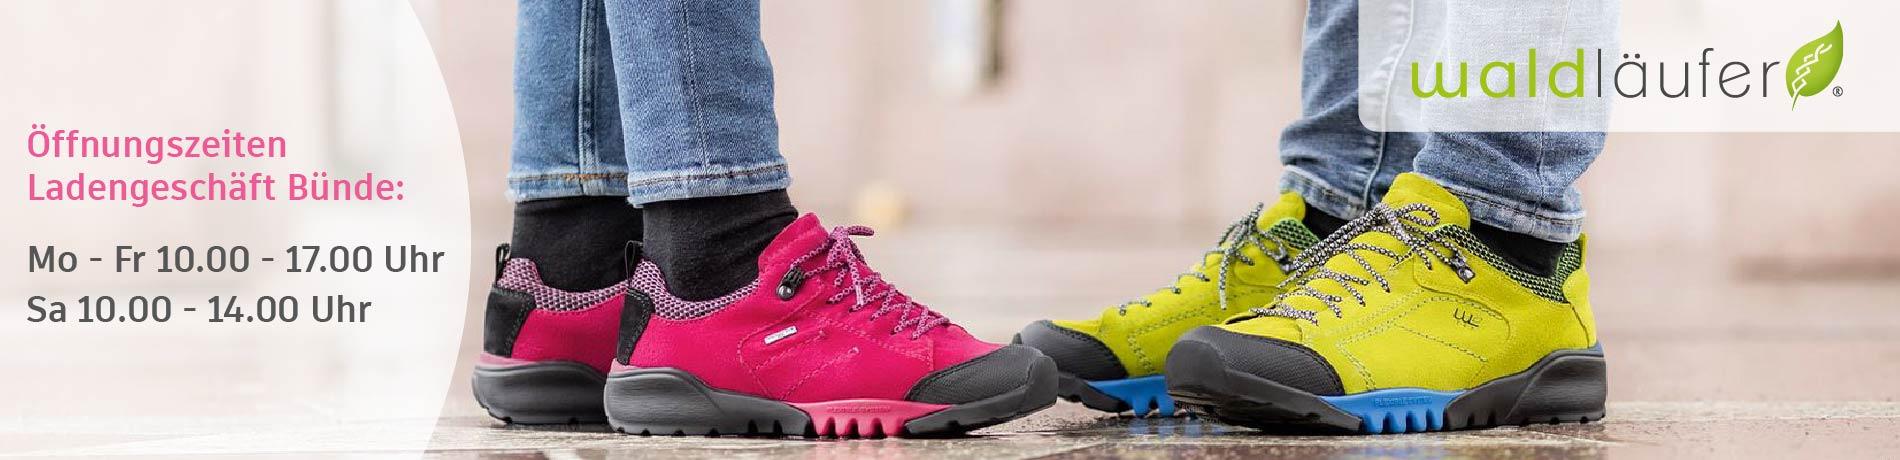 Waldläufer Schuhe online Vormbrock Buende